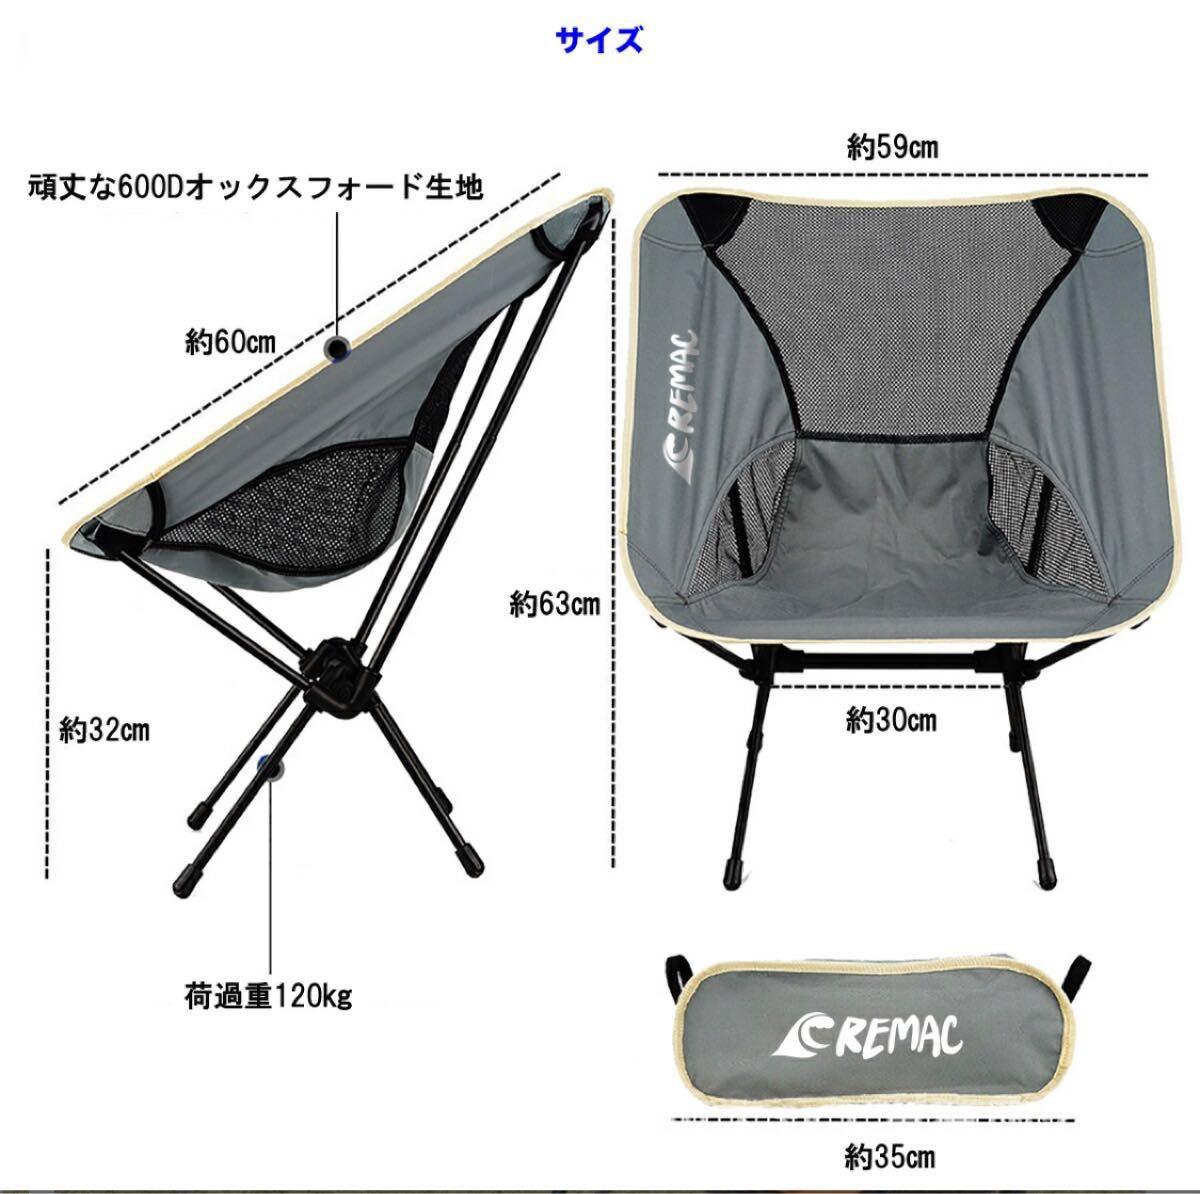 新品 らくらく持ち運び アウトドアチェア 折りたたみ キャンプ椅子 ブラック 3